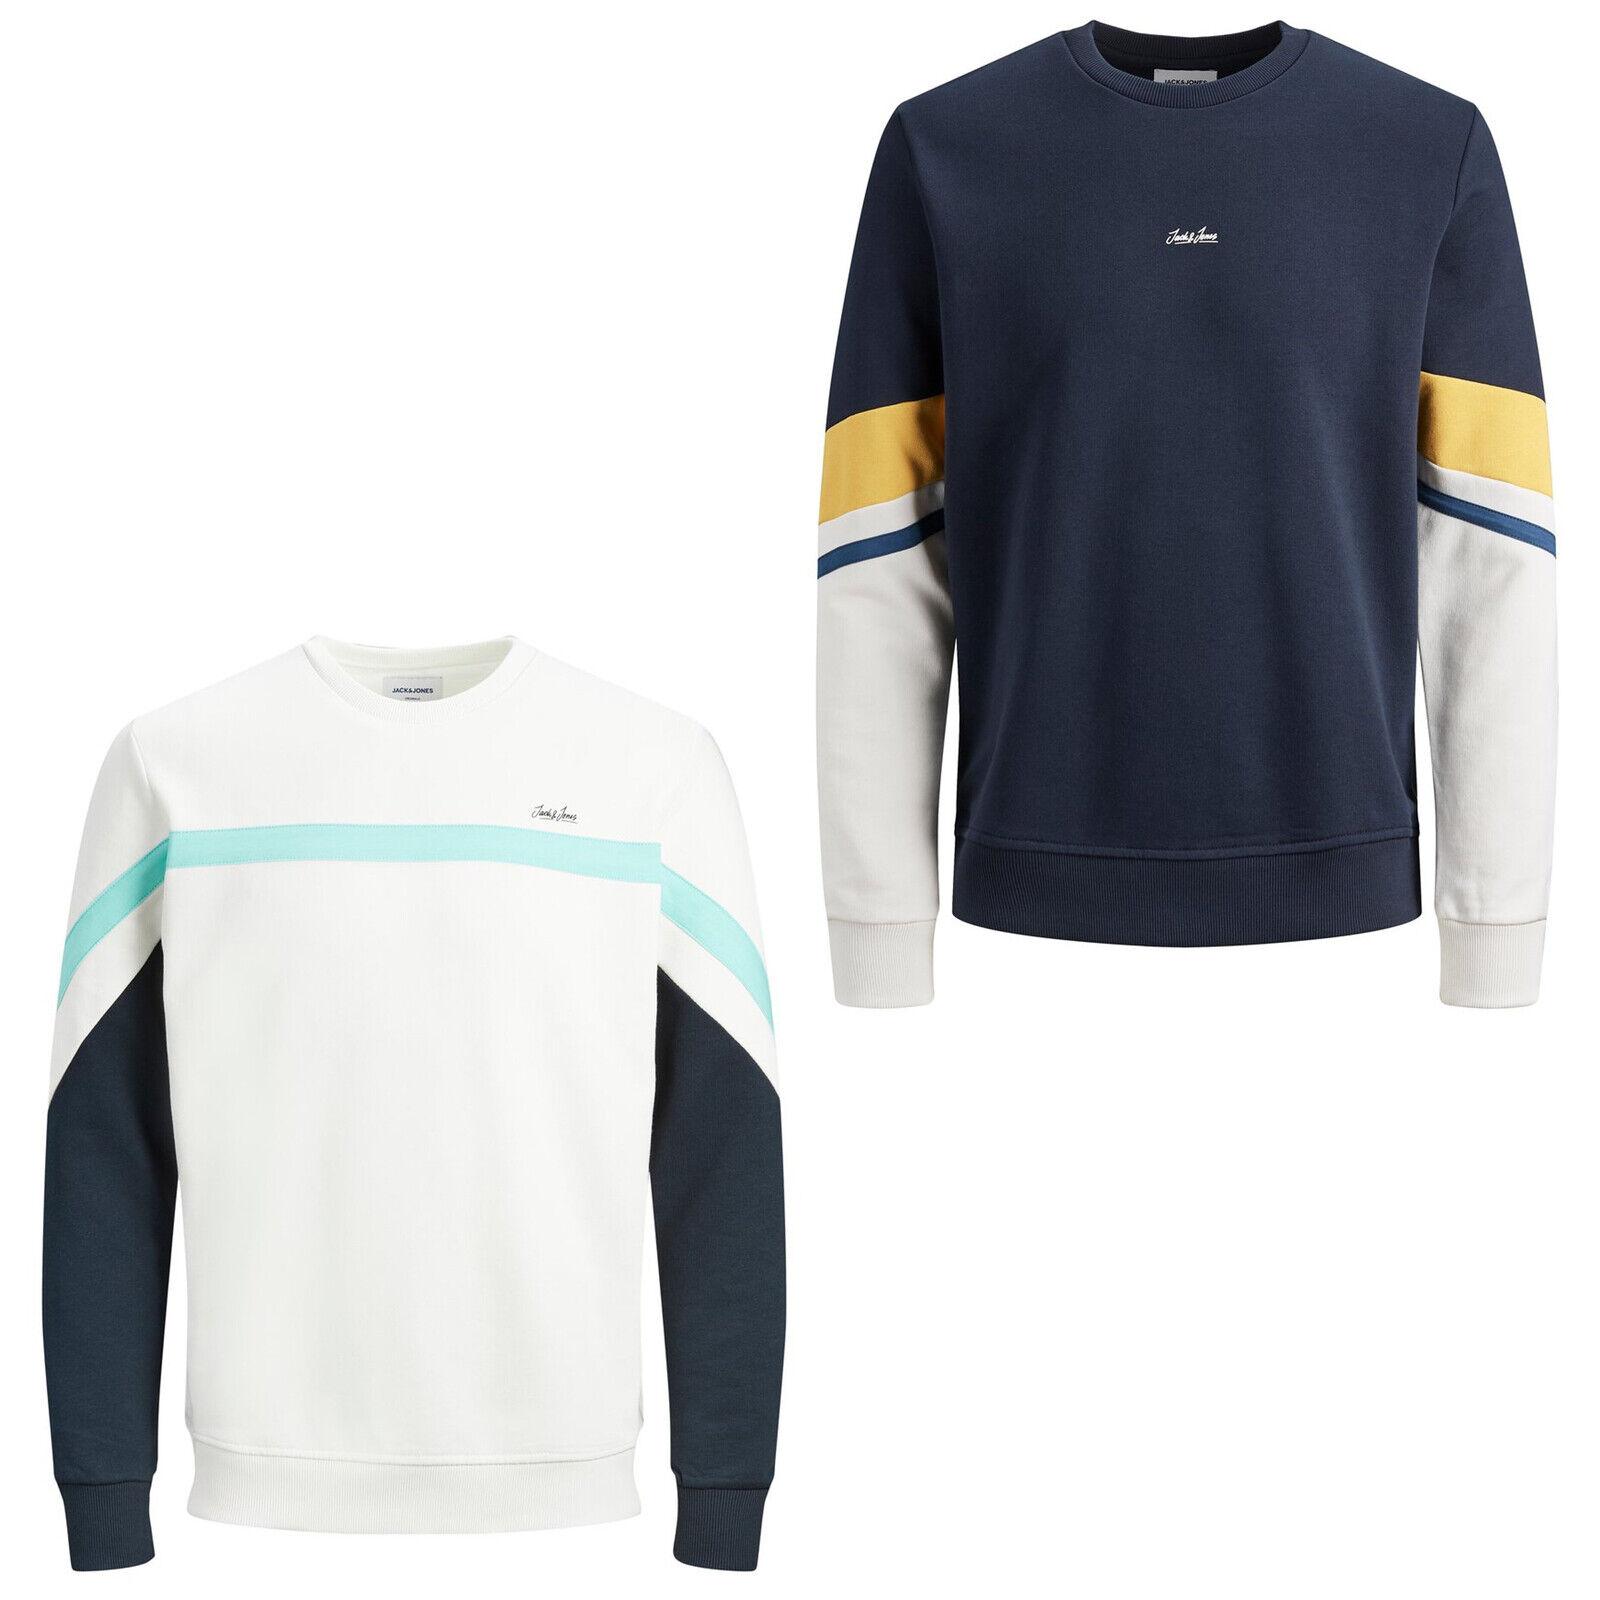 Jack /& Jones Mens Plus Size Hoodies Block Strip Zip Up Hooded Casual Sweatshirts